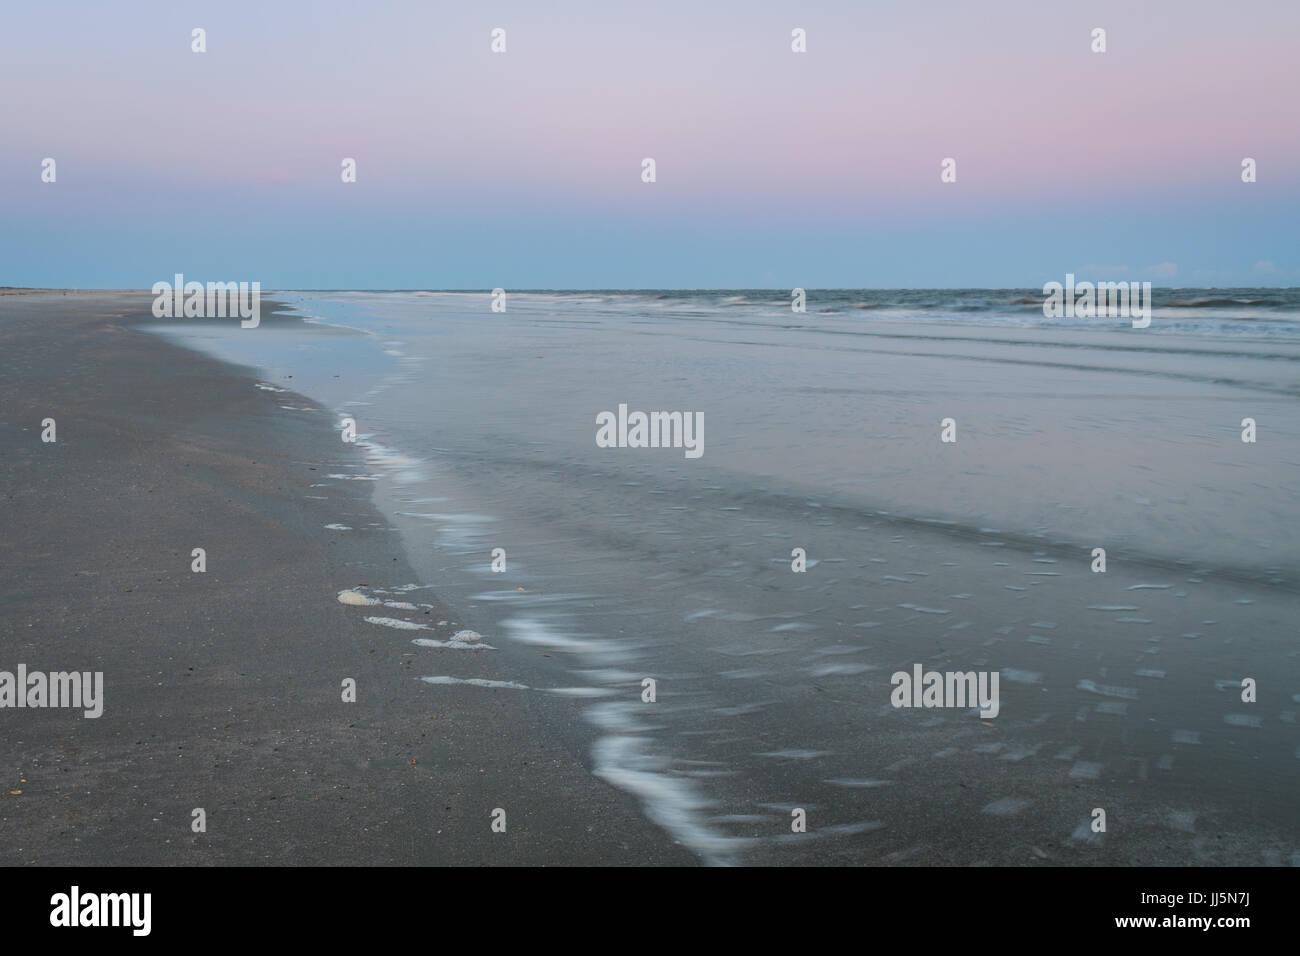 Une longue exposition de la marée basse au crépuscule. Photo Stock